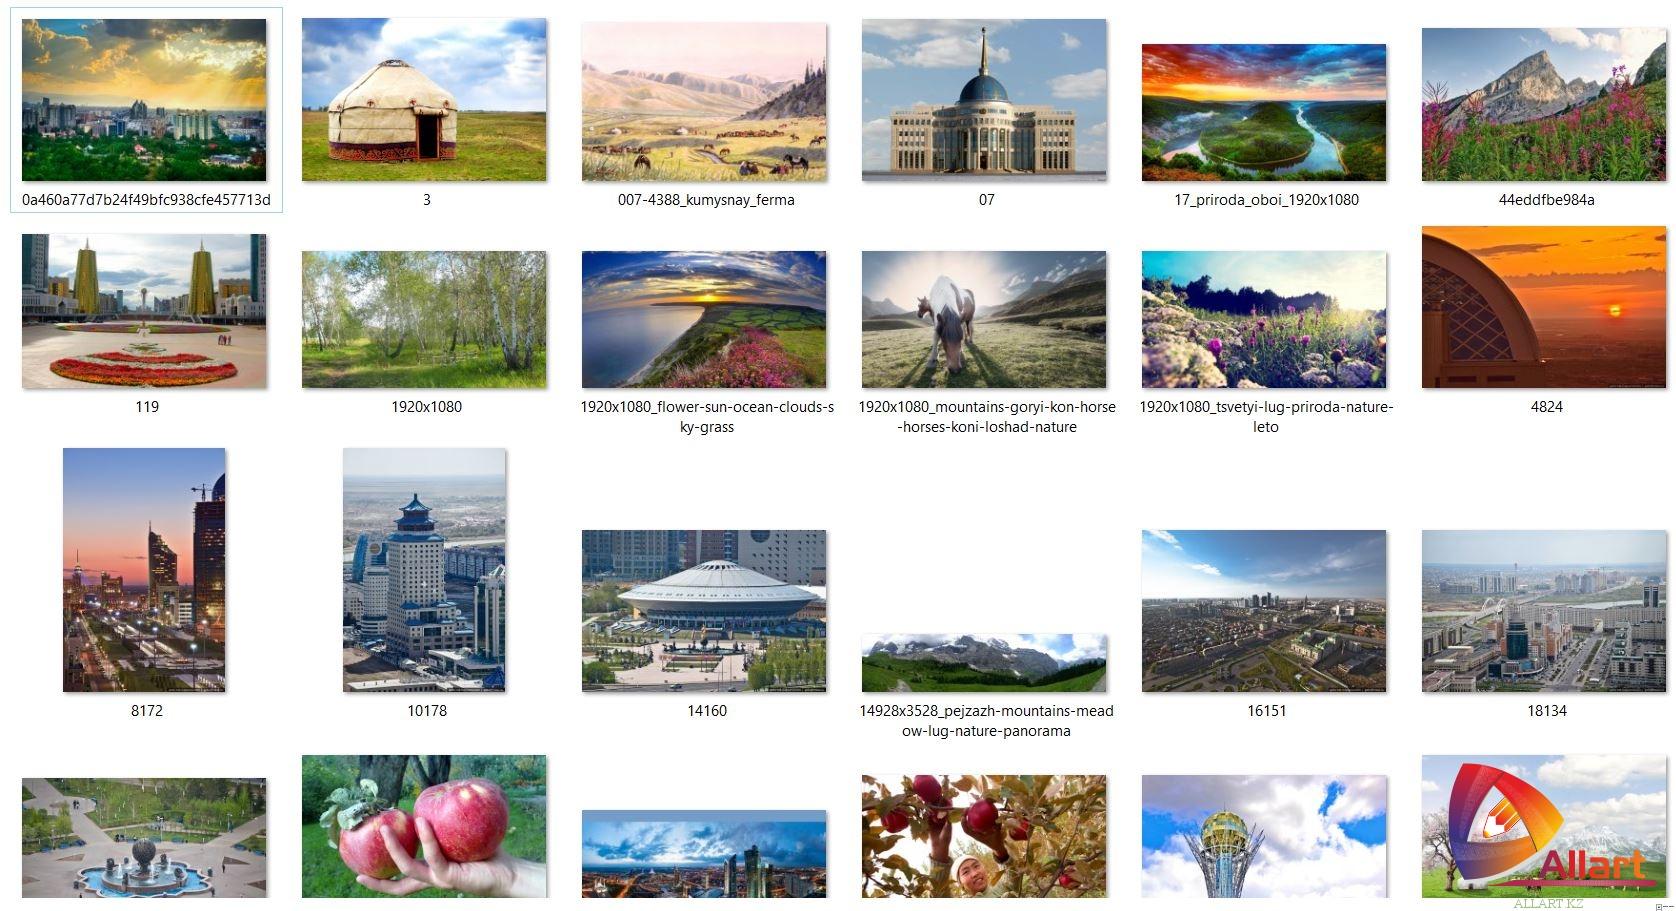 Обои, фотографии Казахстана [JPG]